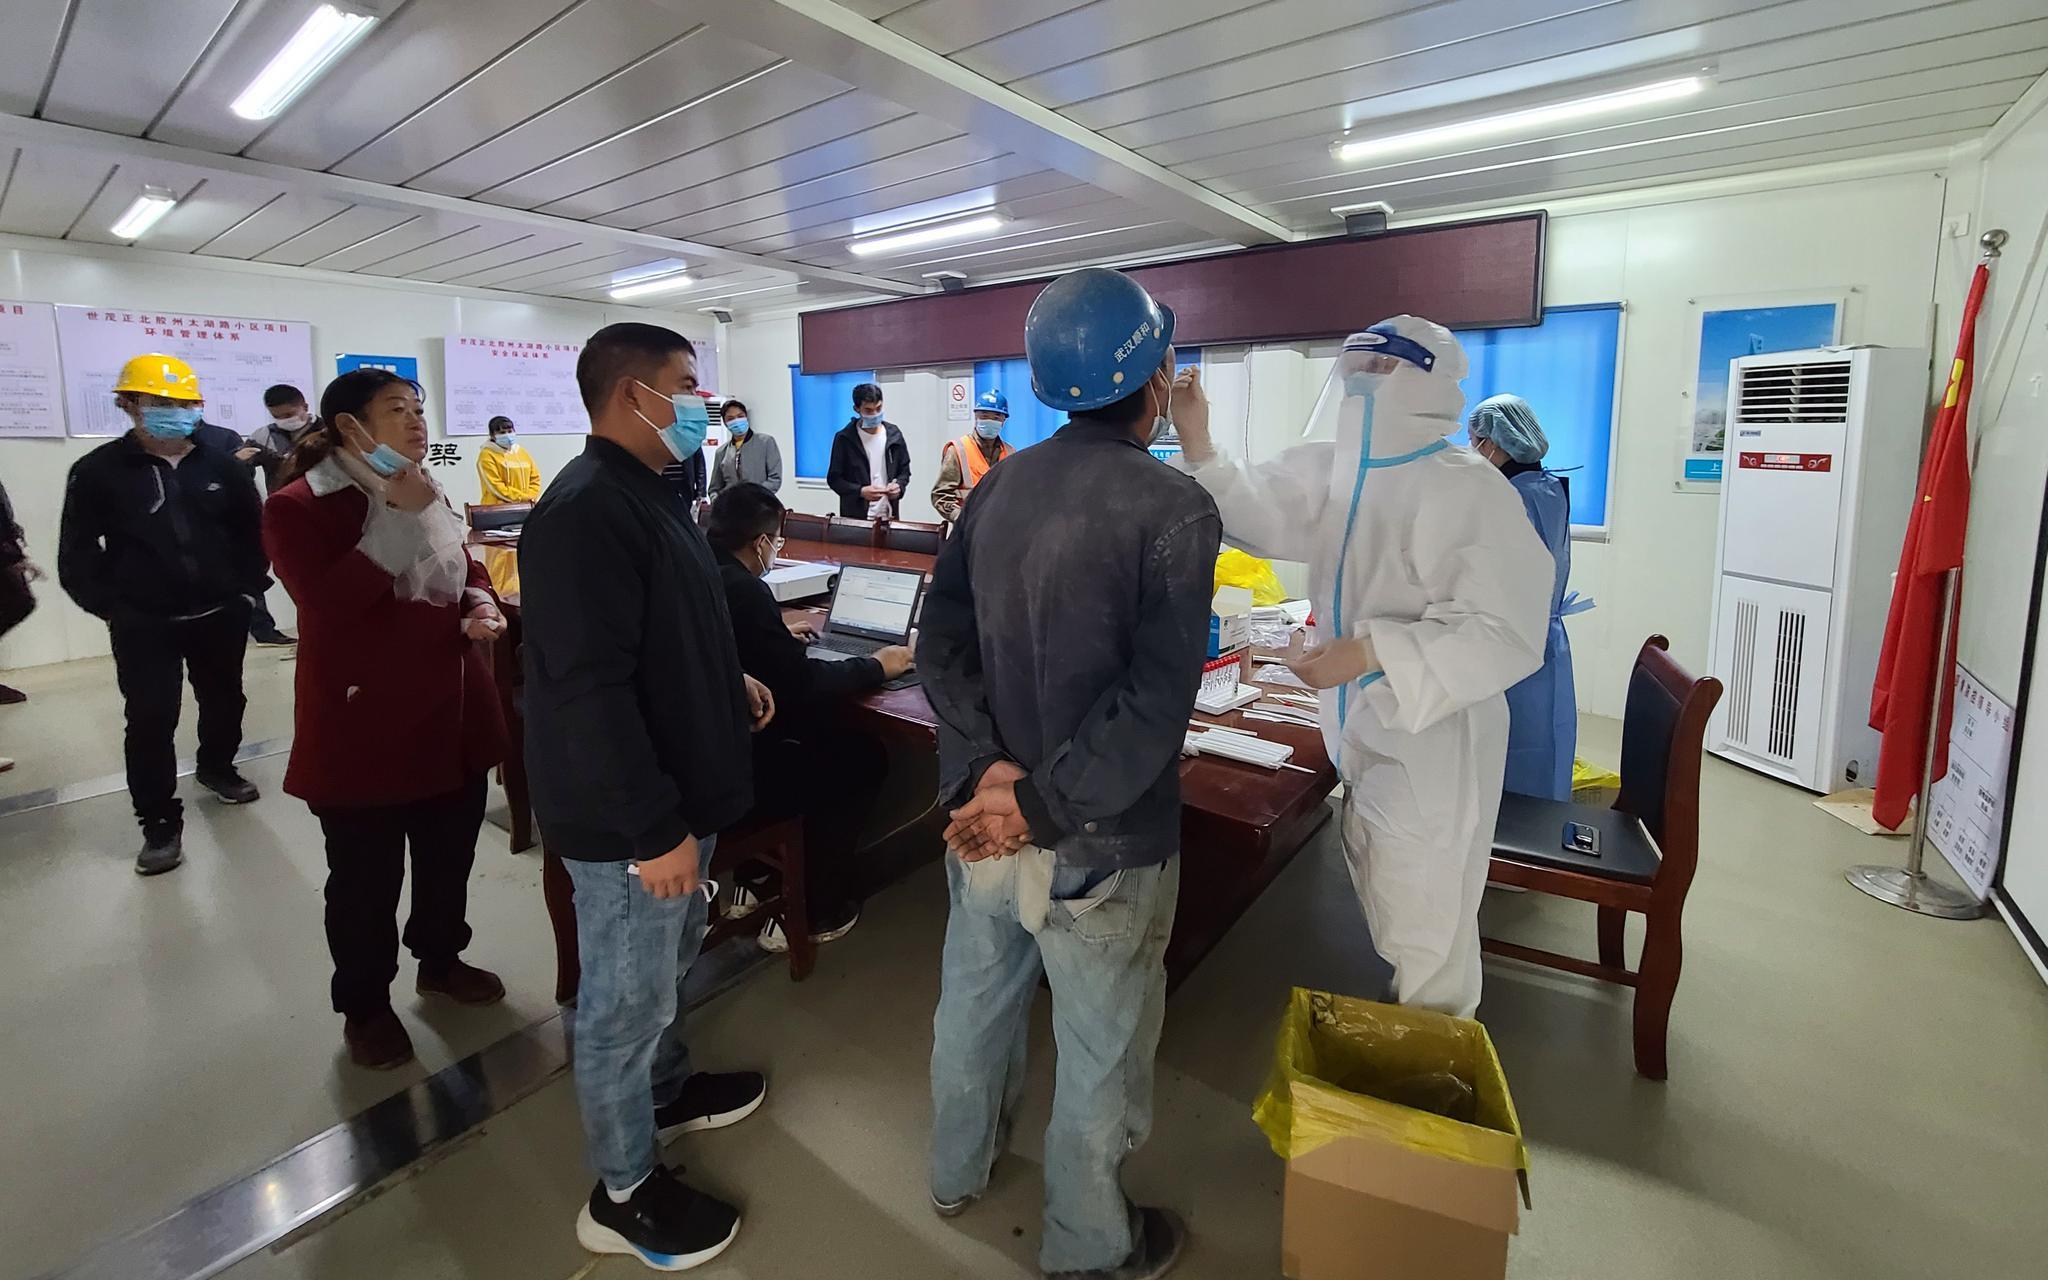 对话青岛核酸检测护士:每天检测近千人 所在社区暂无阳性病例图片